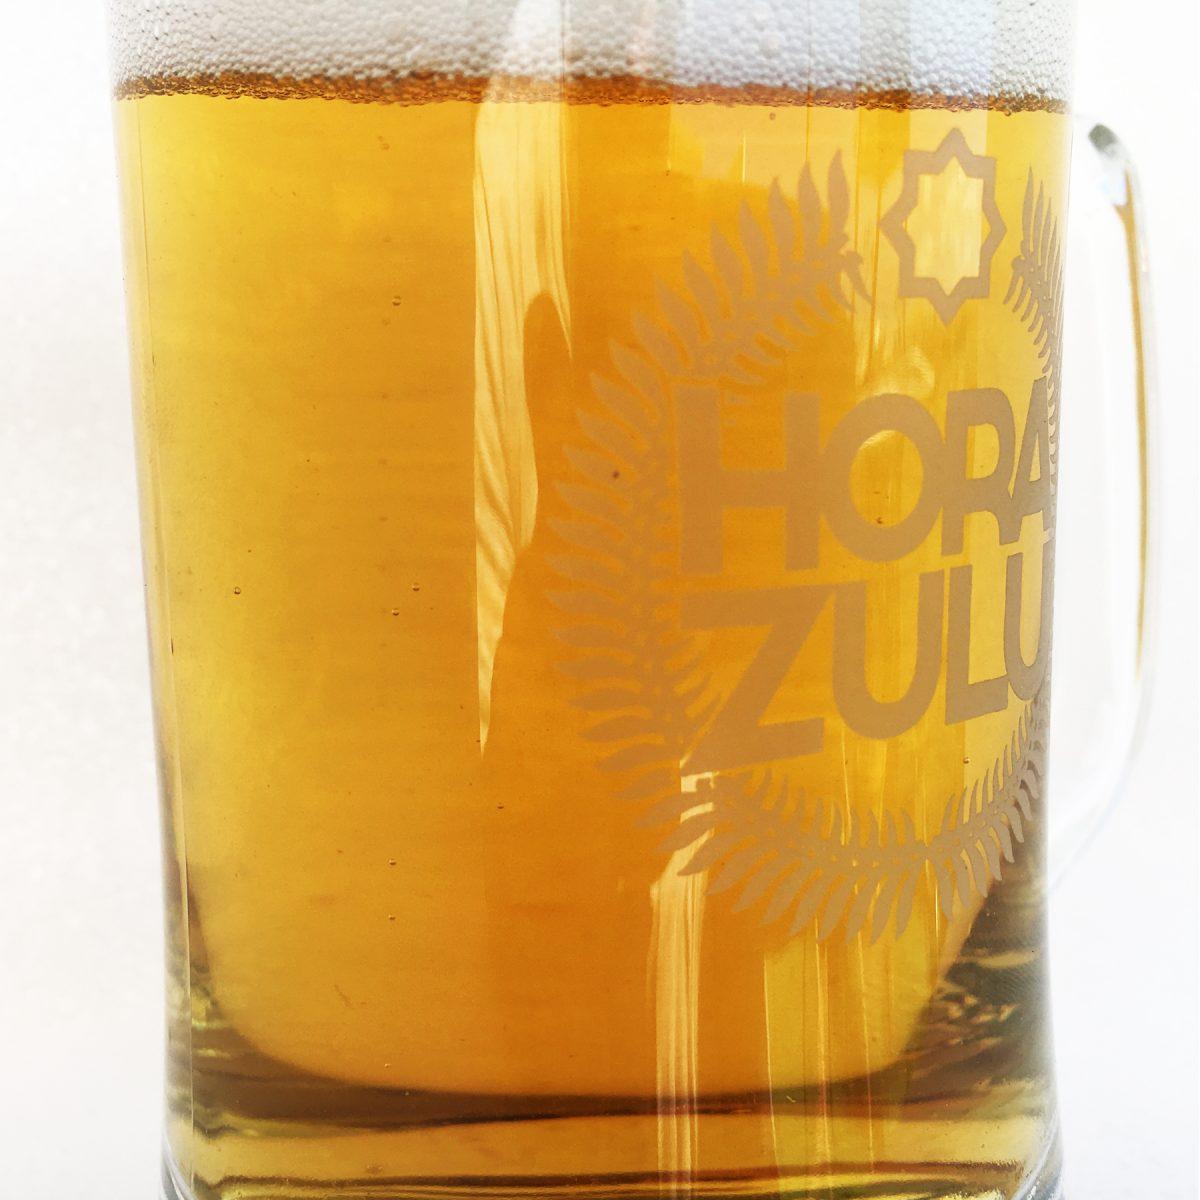 Jarra de cerveza Hora Zulu